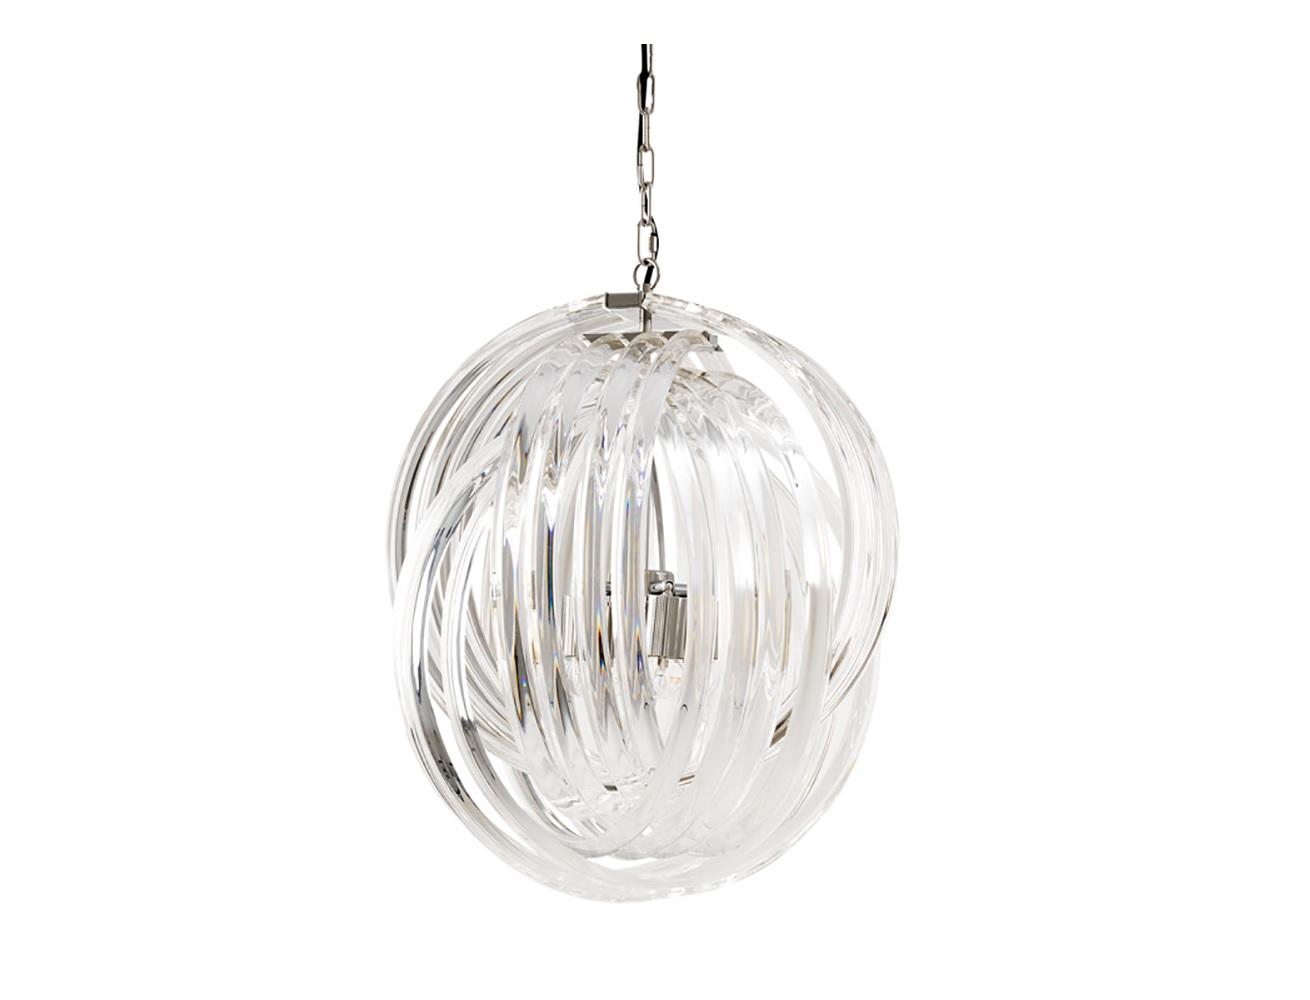 Подвесной светильник Marco PoloПодвесные светильники<br>Подвесной светильник Chandelier Marco Polo M на никелированной арматуре. Плафон выполнен из фактурного прозрачного муранского стекла. Высота светильника регулируется за счет звеньев цепи.&amp;lt;div&amp;gt;&amp;lt;br&amp;gt;&amp;lt;/div&amp;gt;&amp;lt;div&amp;gt;&amp;lt;div&amp;gt;&amp;lt;div&amp;gt;Вид цоколя: E27&amp;lt;/div&amp;gt;&amp;lt;div&amp;gt;Мощность лампы: 40W&amp;lt;/div&amp;gt;&amp;lt;div&amp;gt;Количество ламп: 4&amp;lt;/div&amp;gt;&amp;lt;/div&amp;gt;&amp;lt;div&amp;gt;&amp;lt;br&amp;gt;&amp;lt;/div&amp;gt;&amp;lt;div&amp;gt;Лампочки в комплект не входят.&amp;lt;/div&amp;gt;&amp;lt;/div&amp;gt;<br><br>Material: Стекло<br>Ширина см: 50<br>Высота см: 57<br>Глубина см: 50